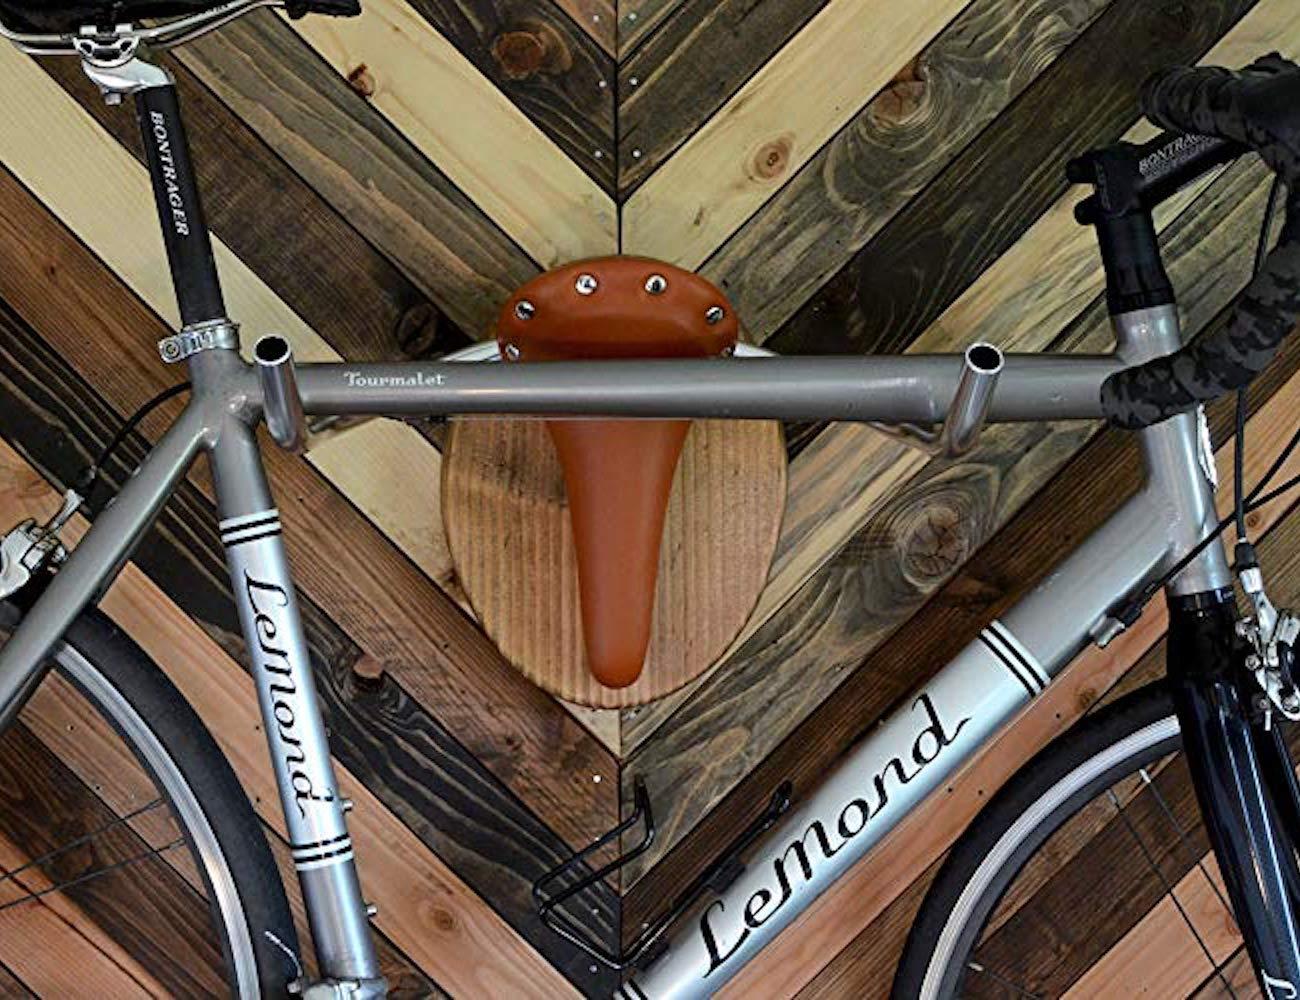 Longhorn Handmade Bicycle Wall Rack